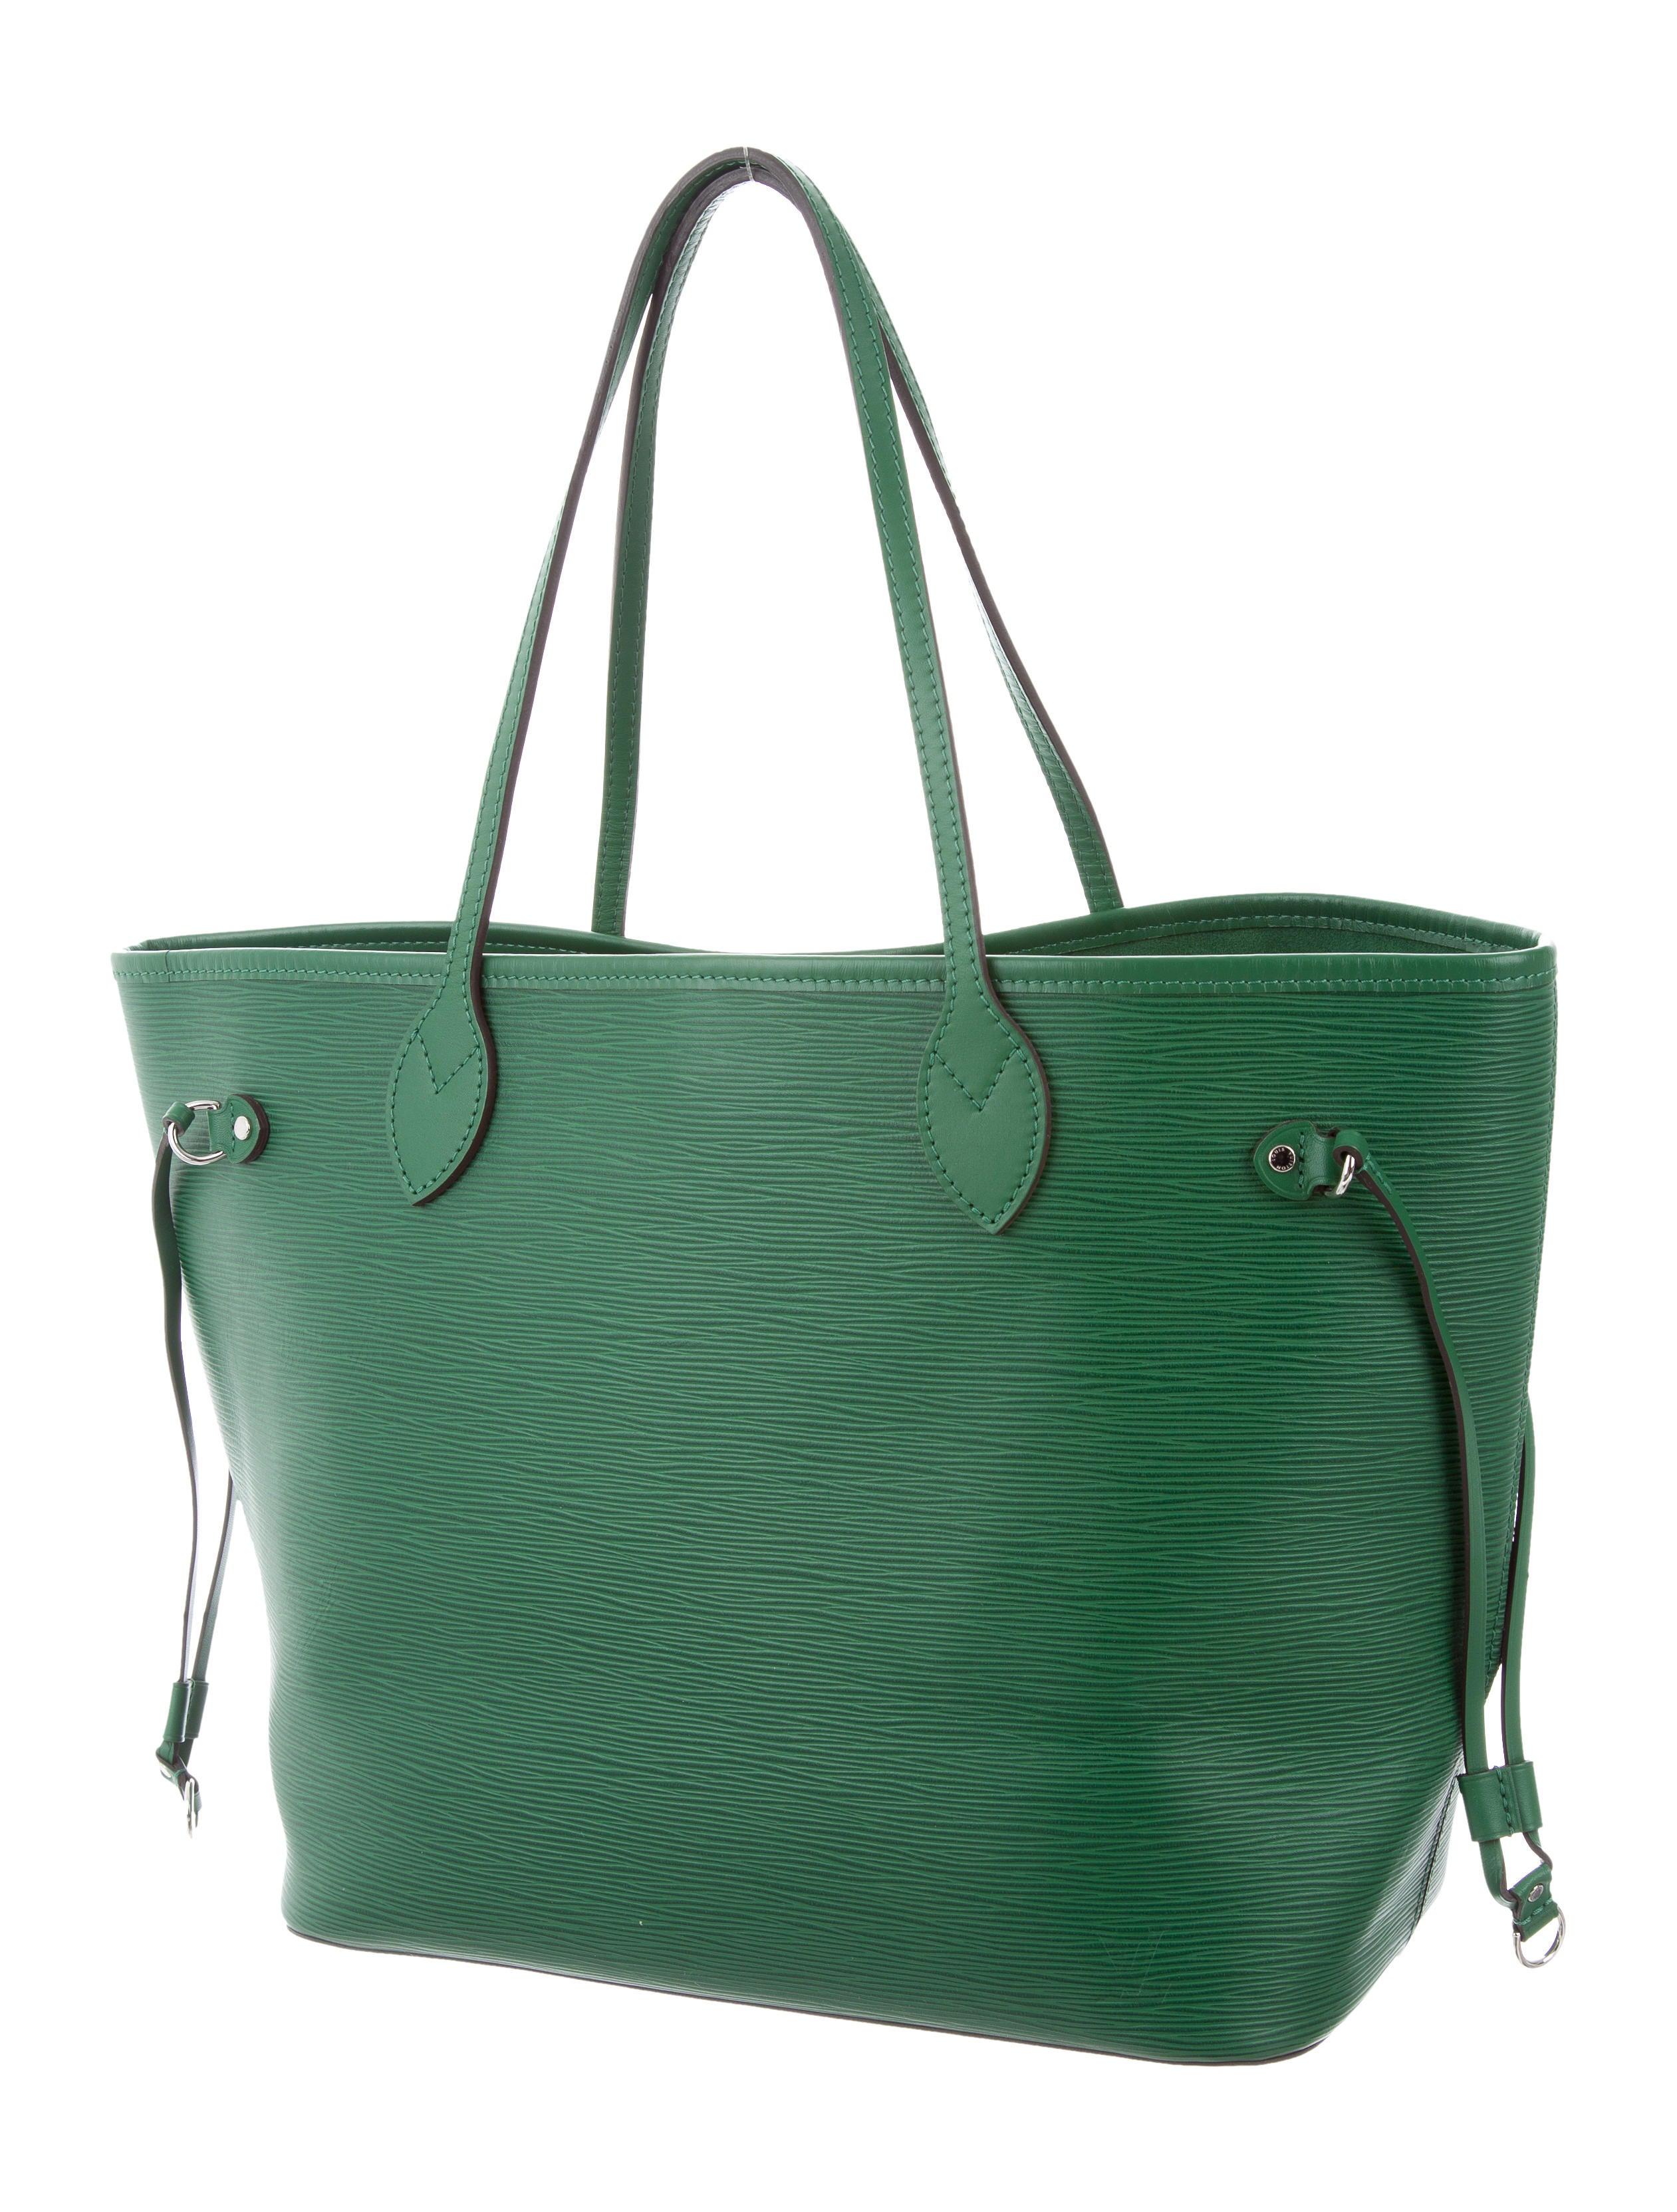 3e4ff0d1214a Louis Vuitton M41324 Neverfull Mm Shoulder Bag Epi Leather ...